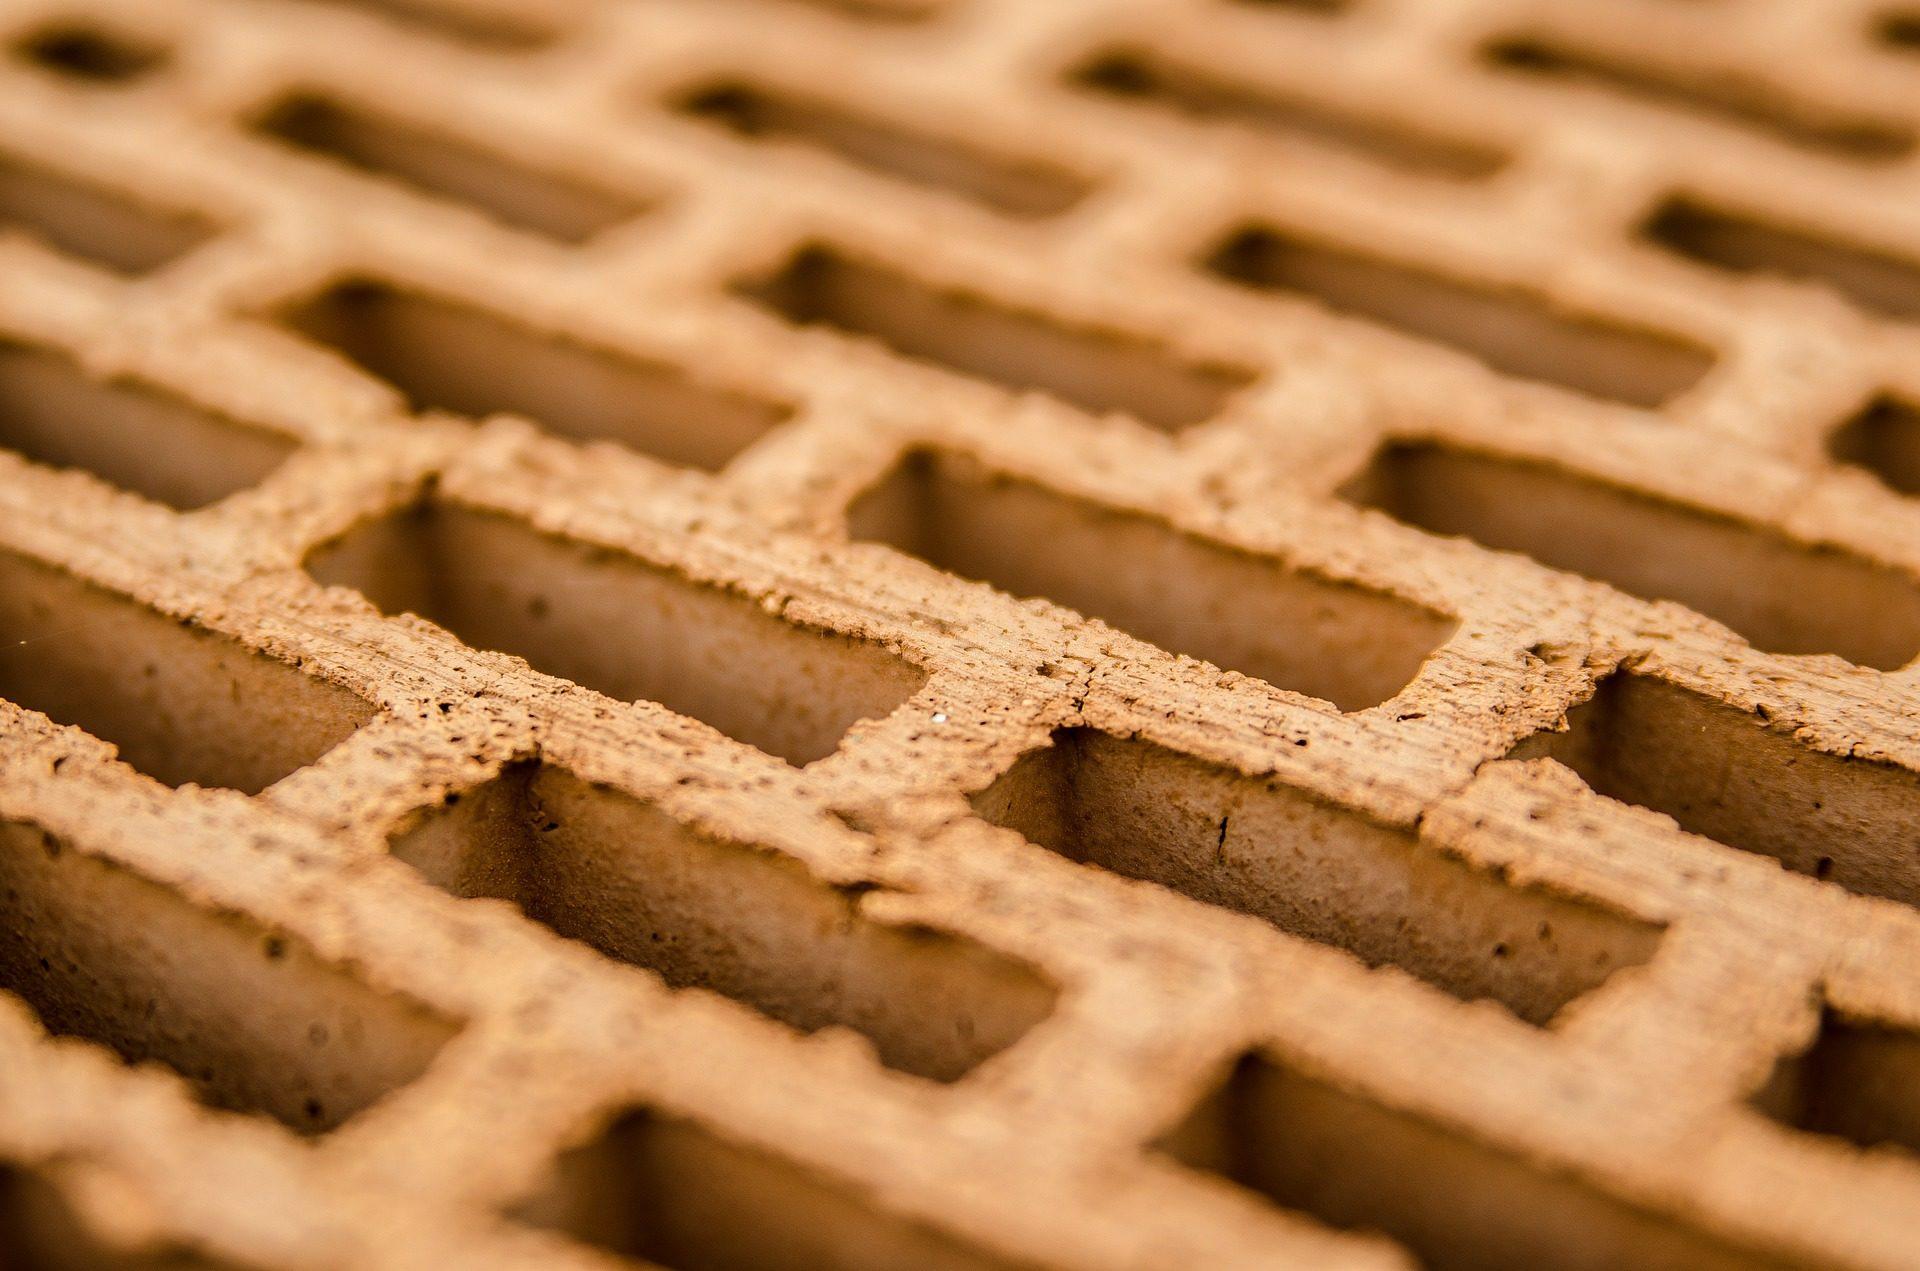 Кирпич, отверстия, пустотелые, блоки, прямоугольники - Обои HD - Профессор falken.com